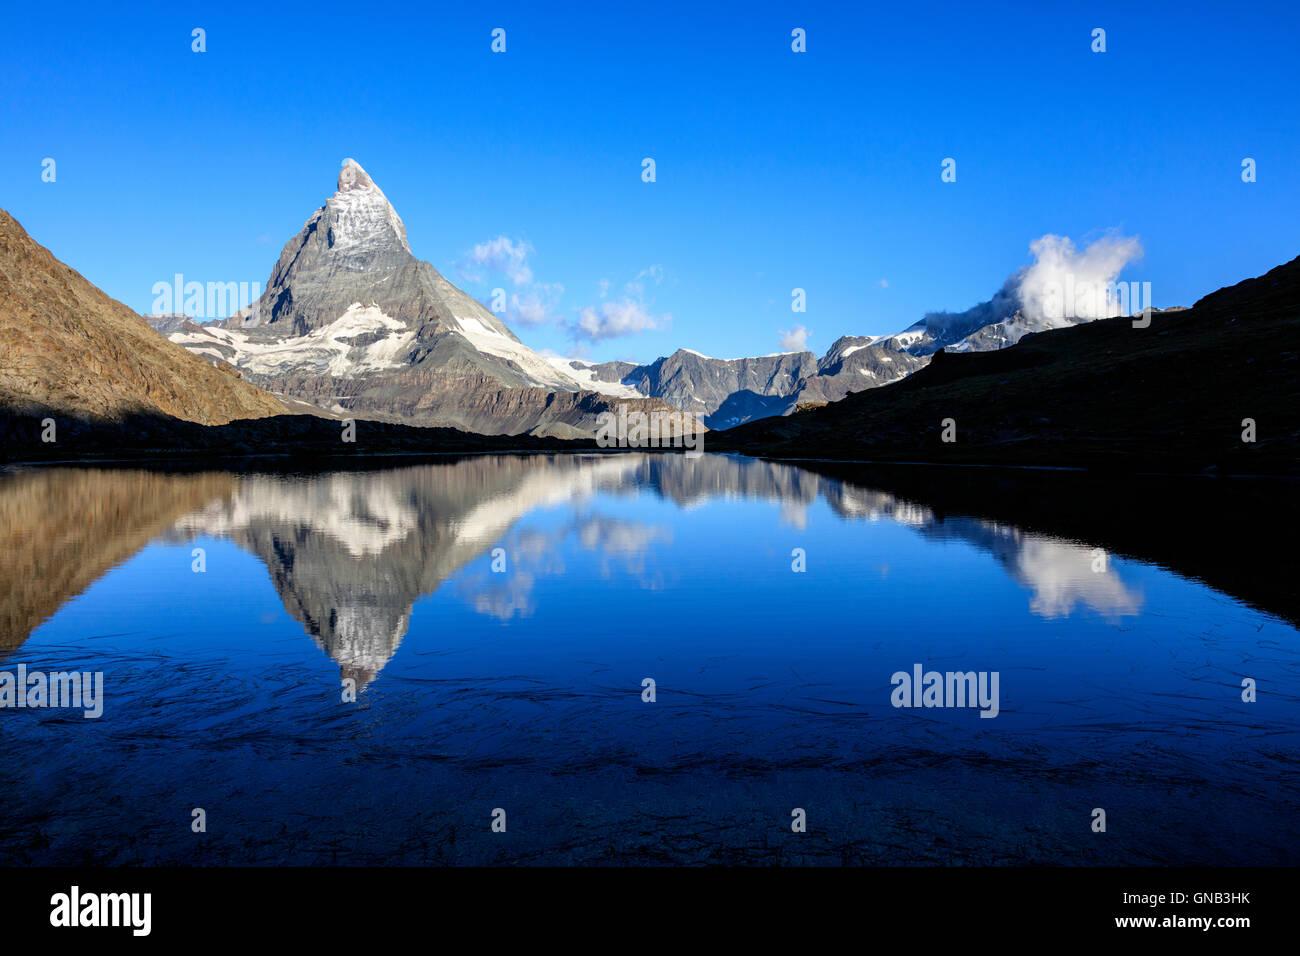 Das Matterhorn spiegelt sich in den blauen Wassern des Sees Stellisee Zermatt Walliser Alpen Kanton Wallis Schweiz Stockbild